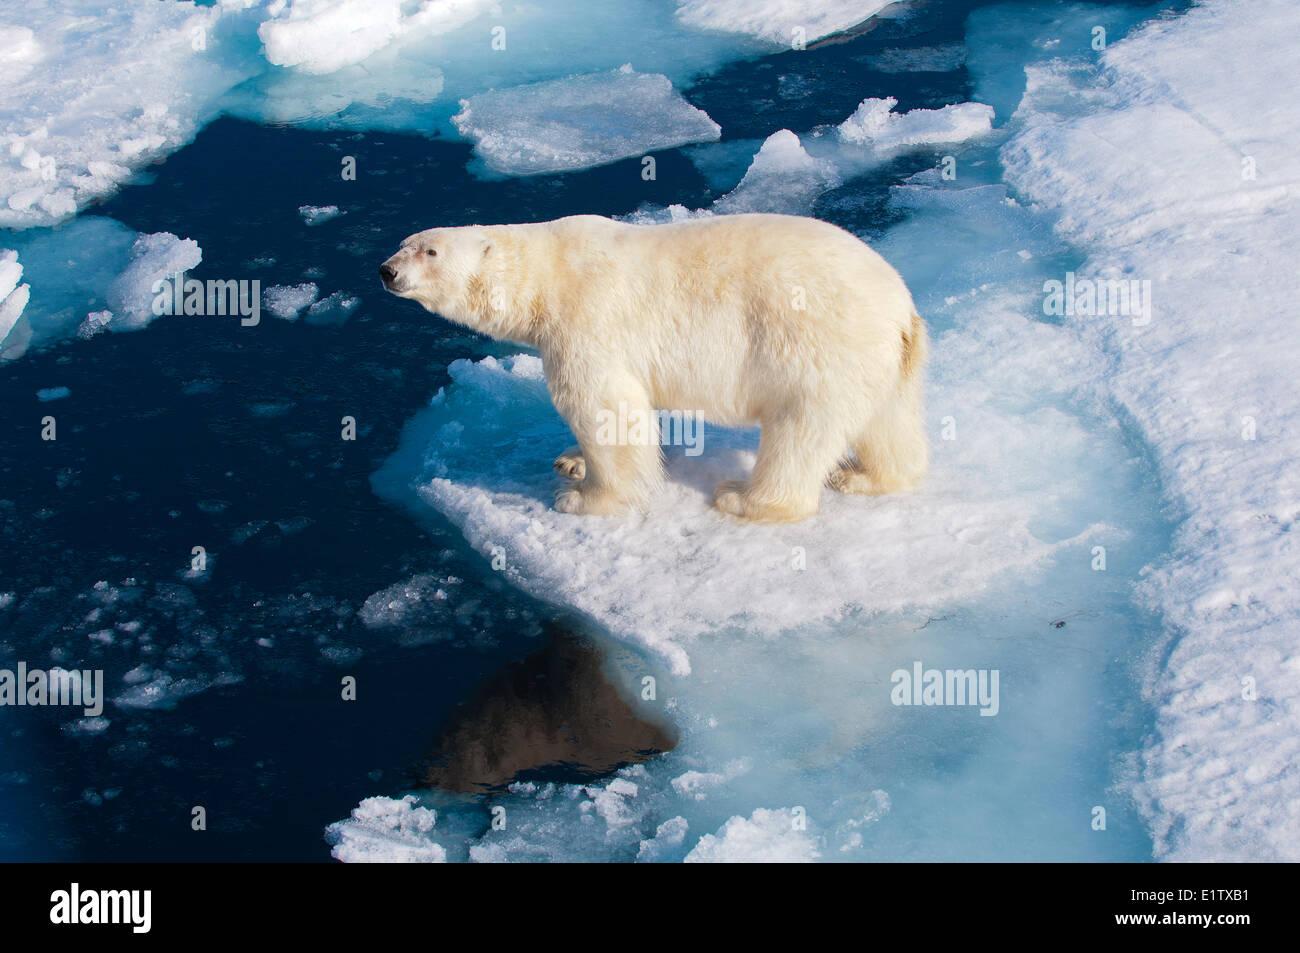 Eisbär (Ursus Maritimus) auf Packeis, Svalbard-Archipel, norwegischen Arktis Stockbild